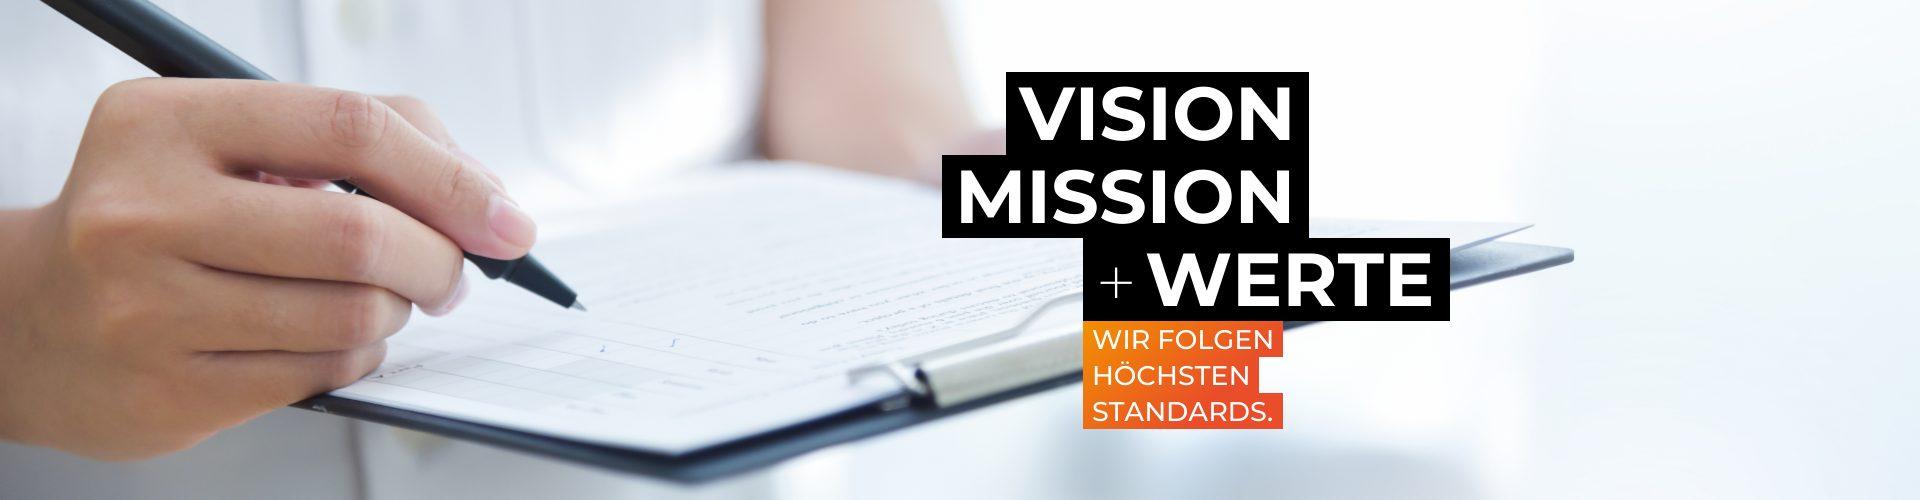 Vision und Mision Header